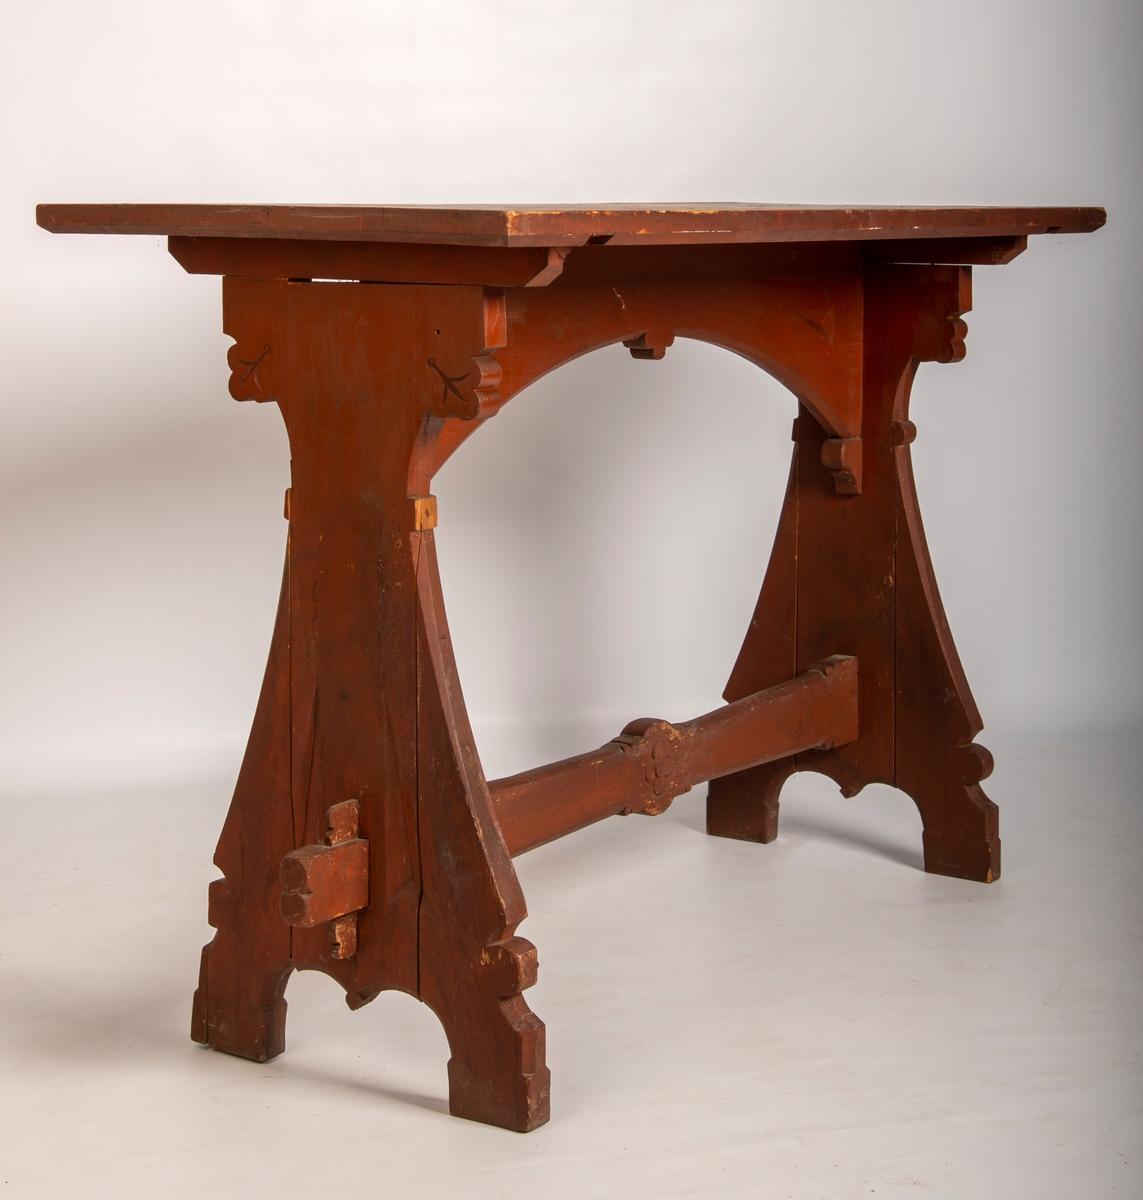 Malt bord i heltre materiale. Enkel skåret dekor på vangene og på bindingsbrett. Profilerte kanter.